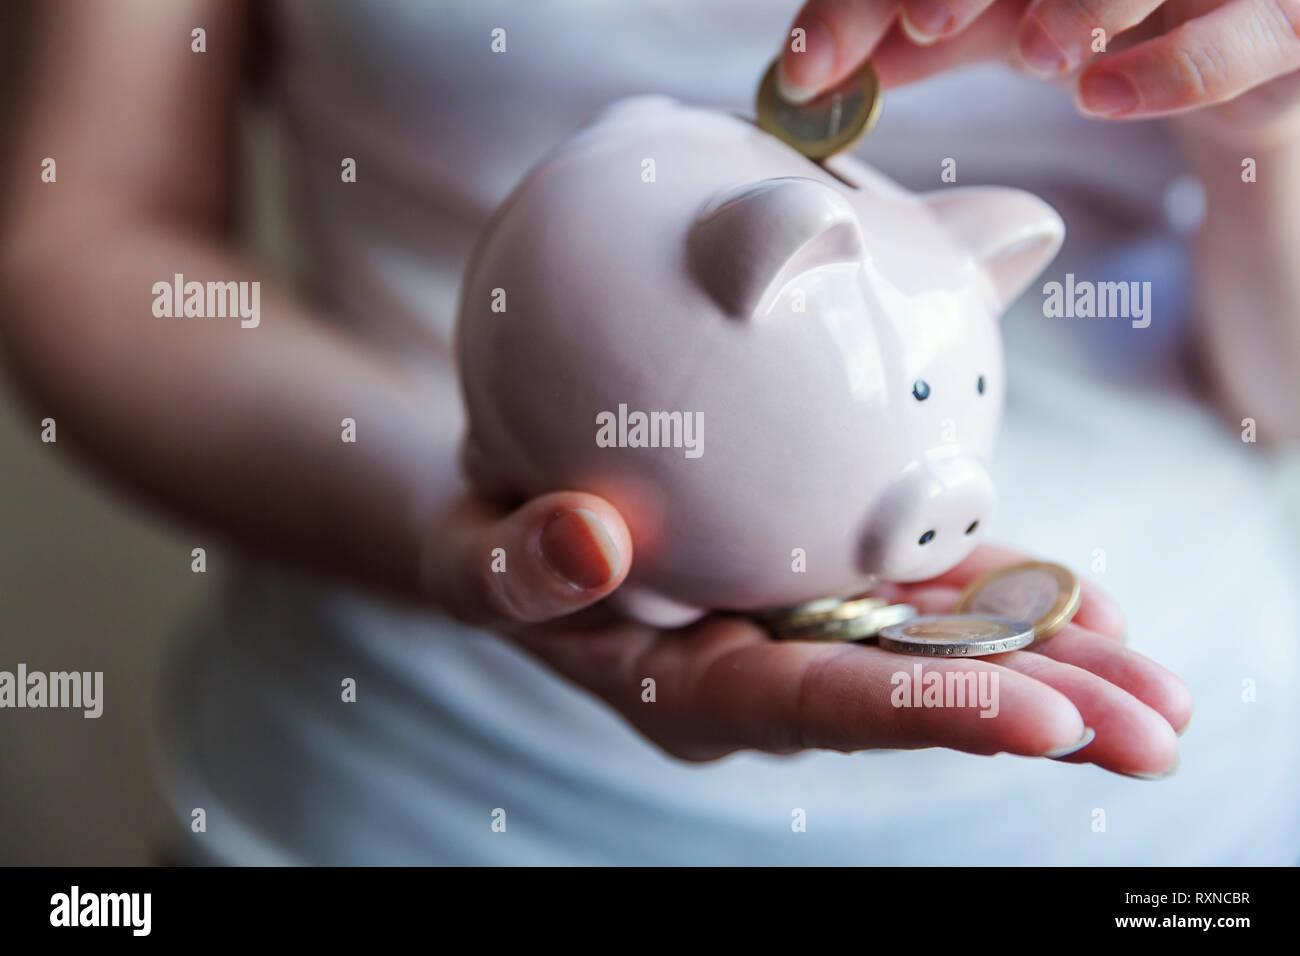 Mujer femenina manos sosteniendo rosa hucha y poner dinero monedas de euro. Presupuesto de Inversión Ahorro Jubilación riqueza empresarial financiera concepto bancario de dinero Foto de stock